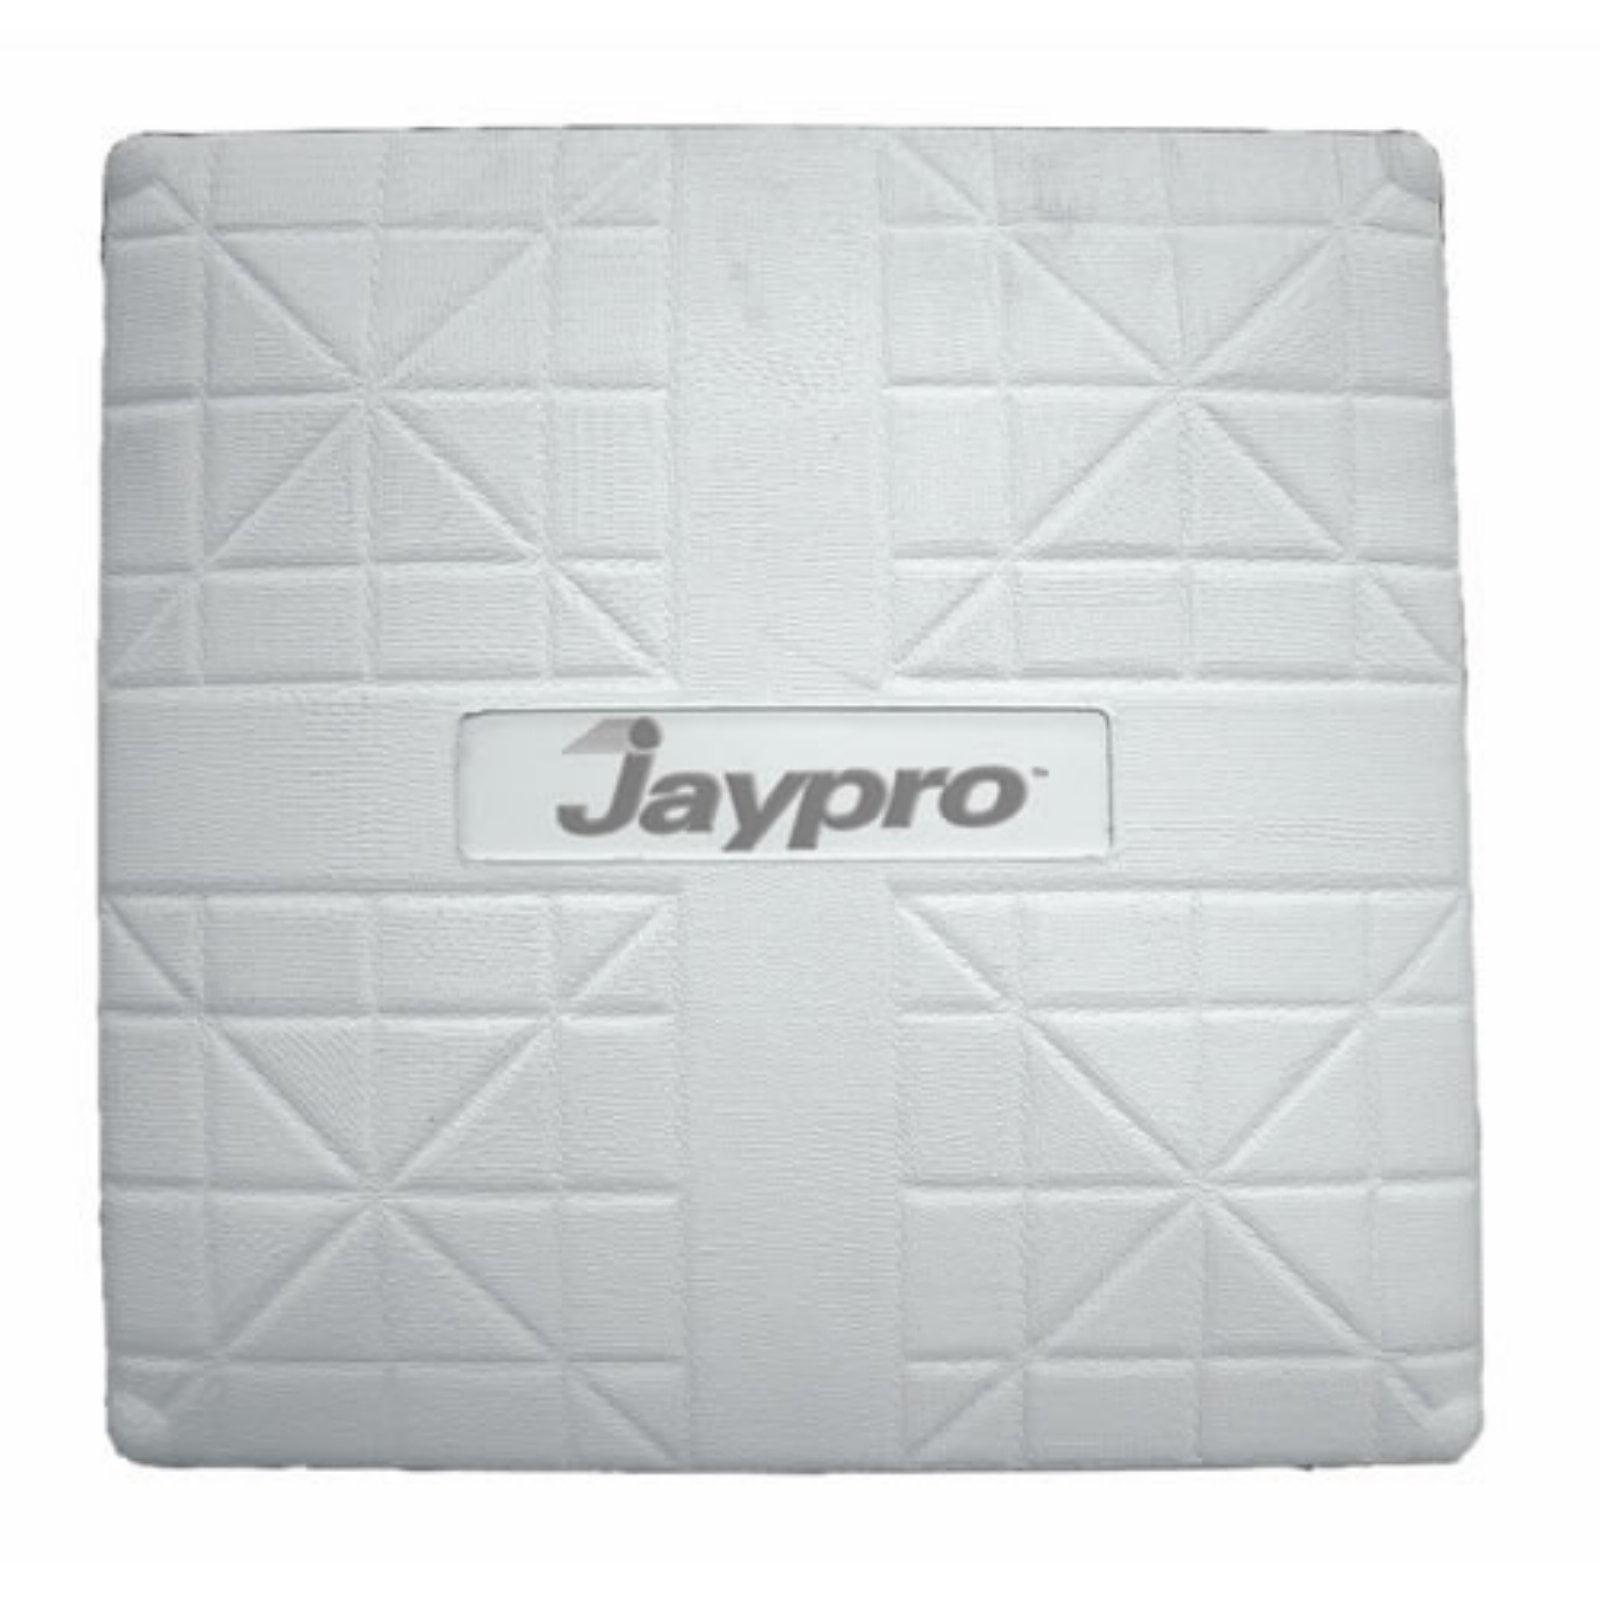 Jaypro Pro Style Official Size Base Set